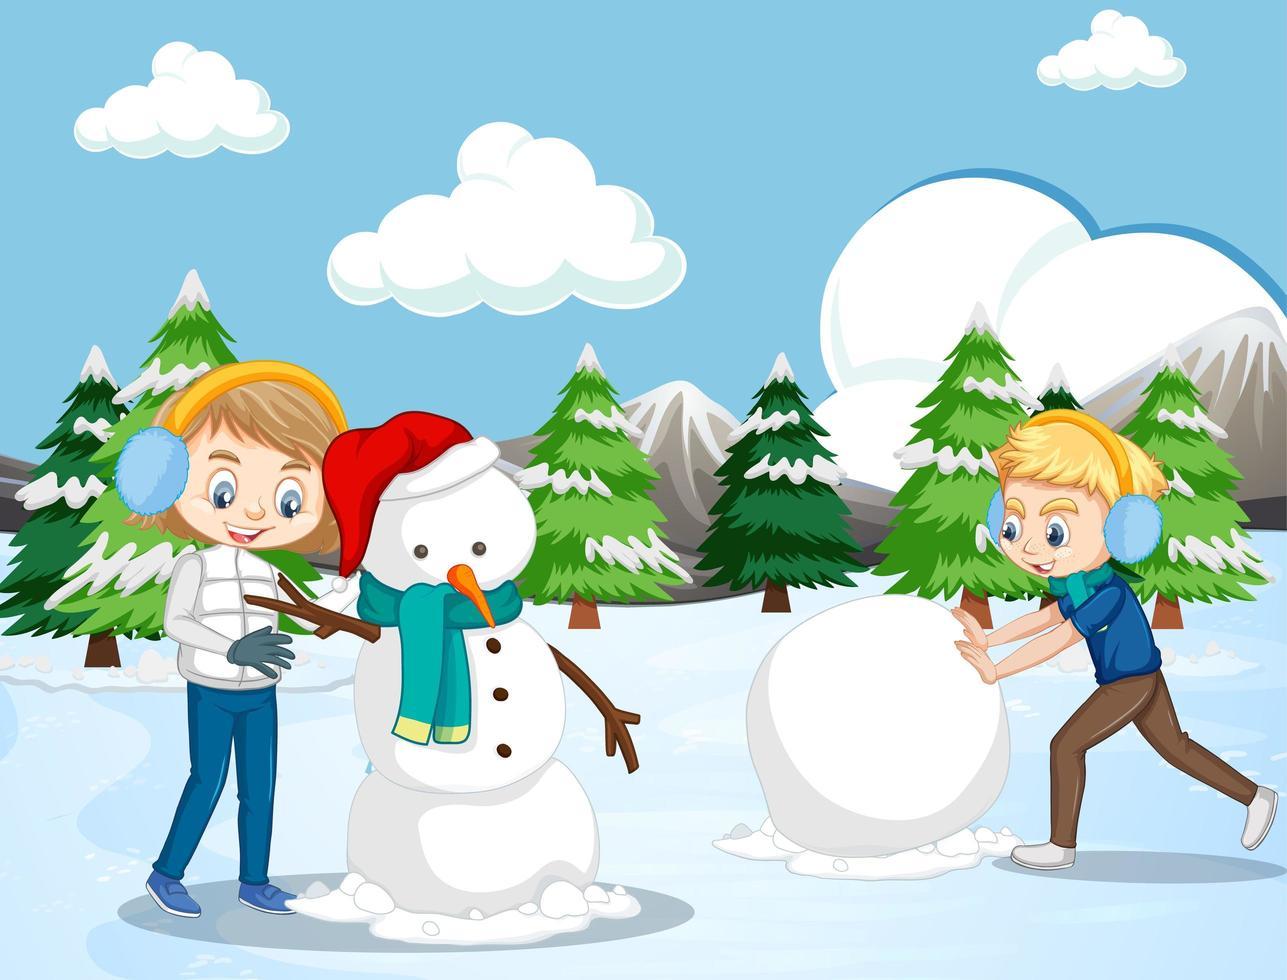 Escena Con Niños Haciendo Muñeco De Nieve En El Campo De Nieve Descargar Vectores Gratis Illustrator Graficos Plantillas Diseño